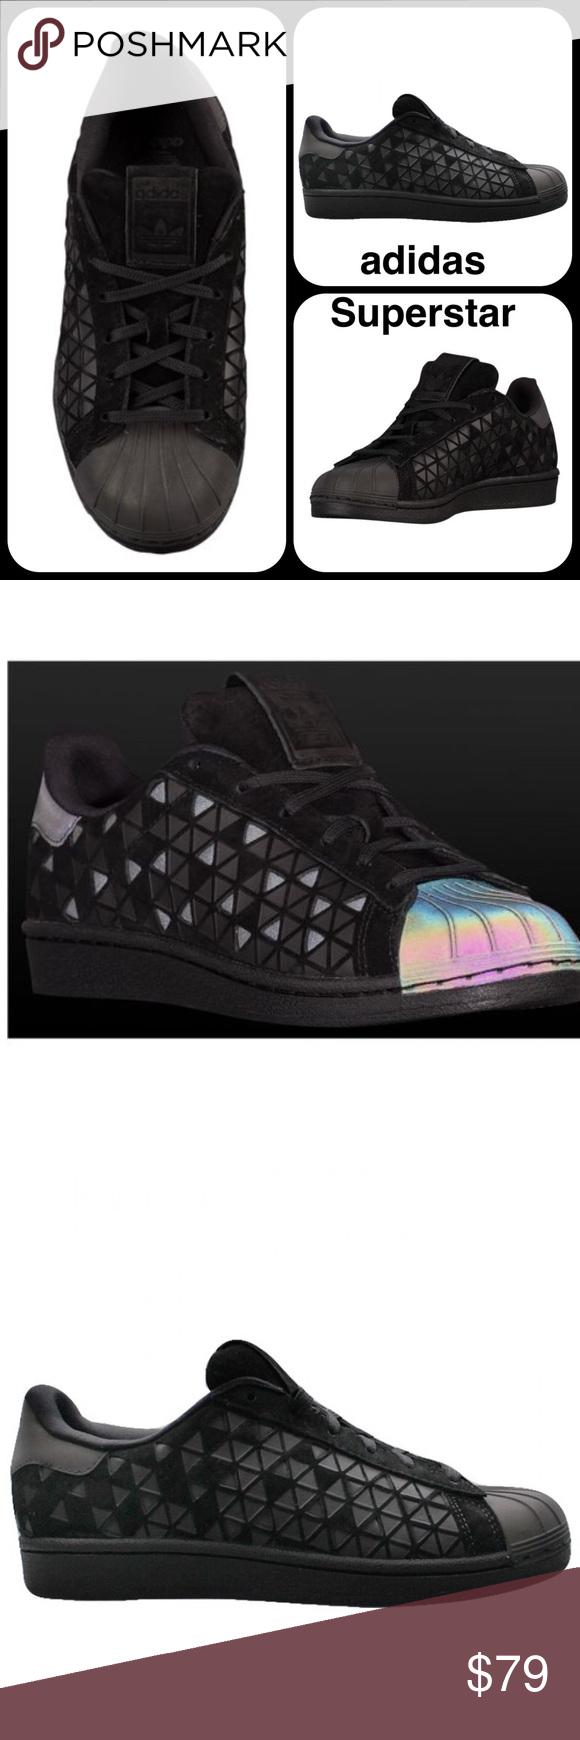 avvistato mentre a fare shopping in poshmark: ultima possibilita 'nwt!adidas